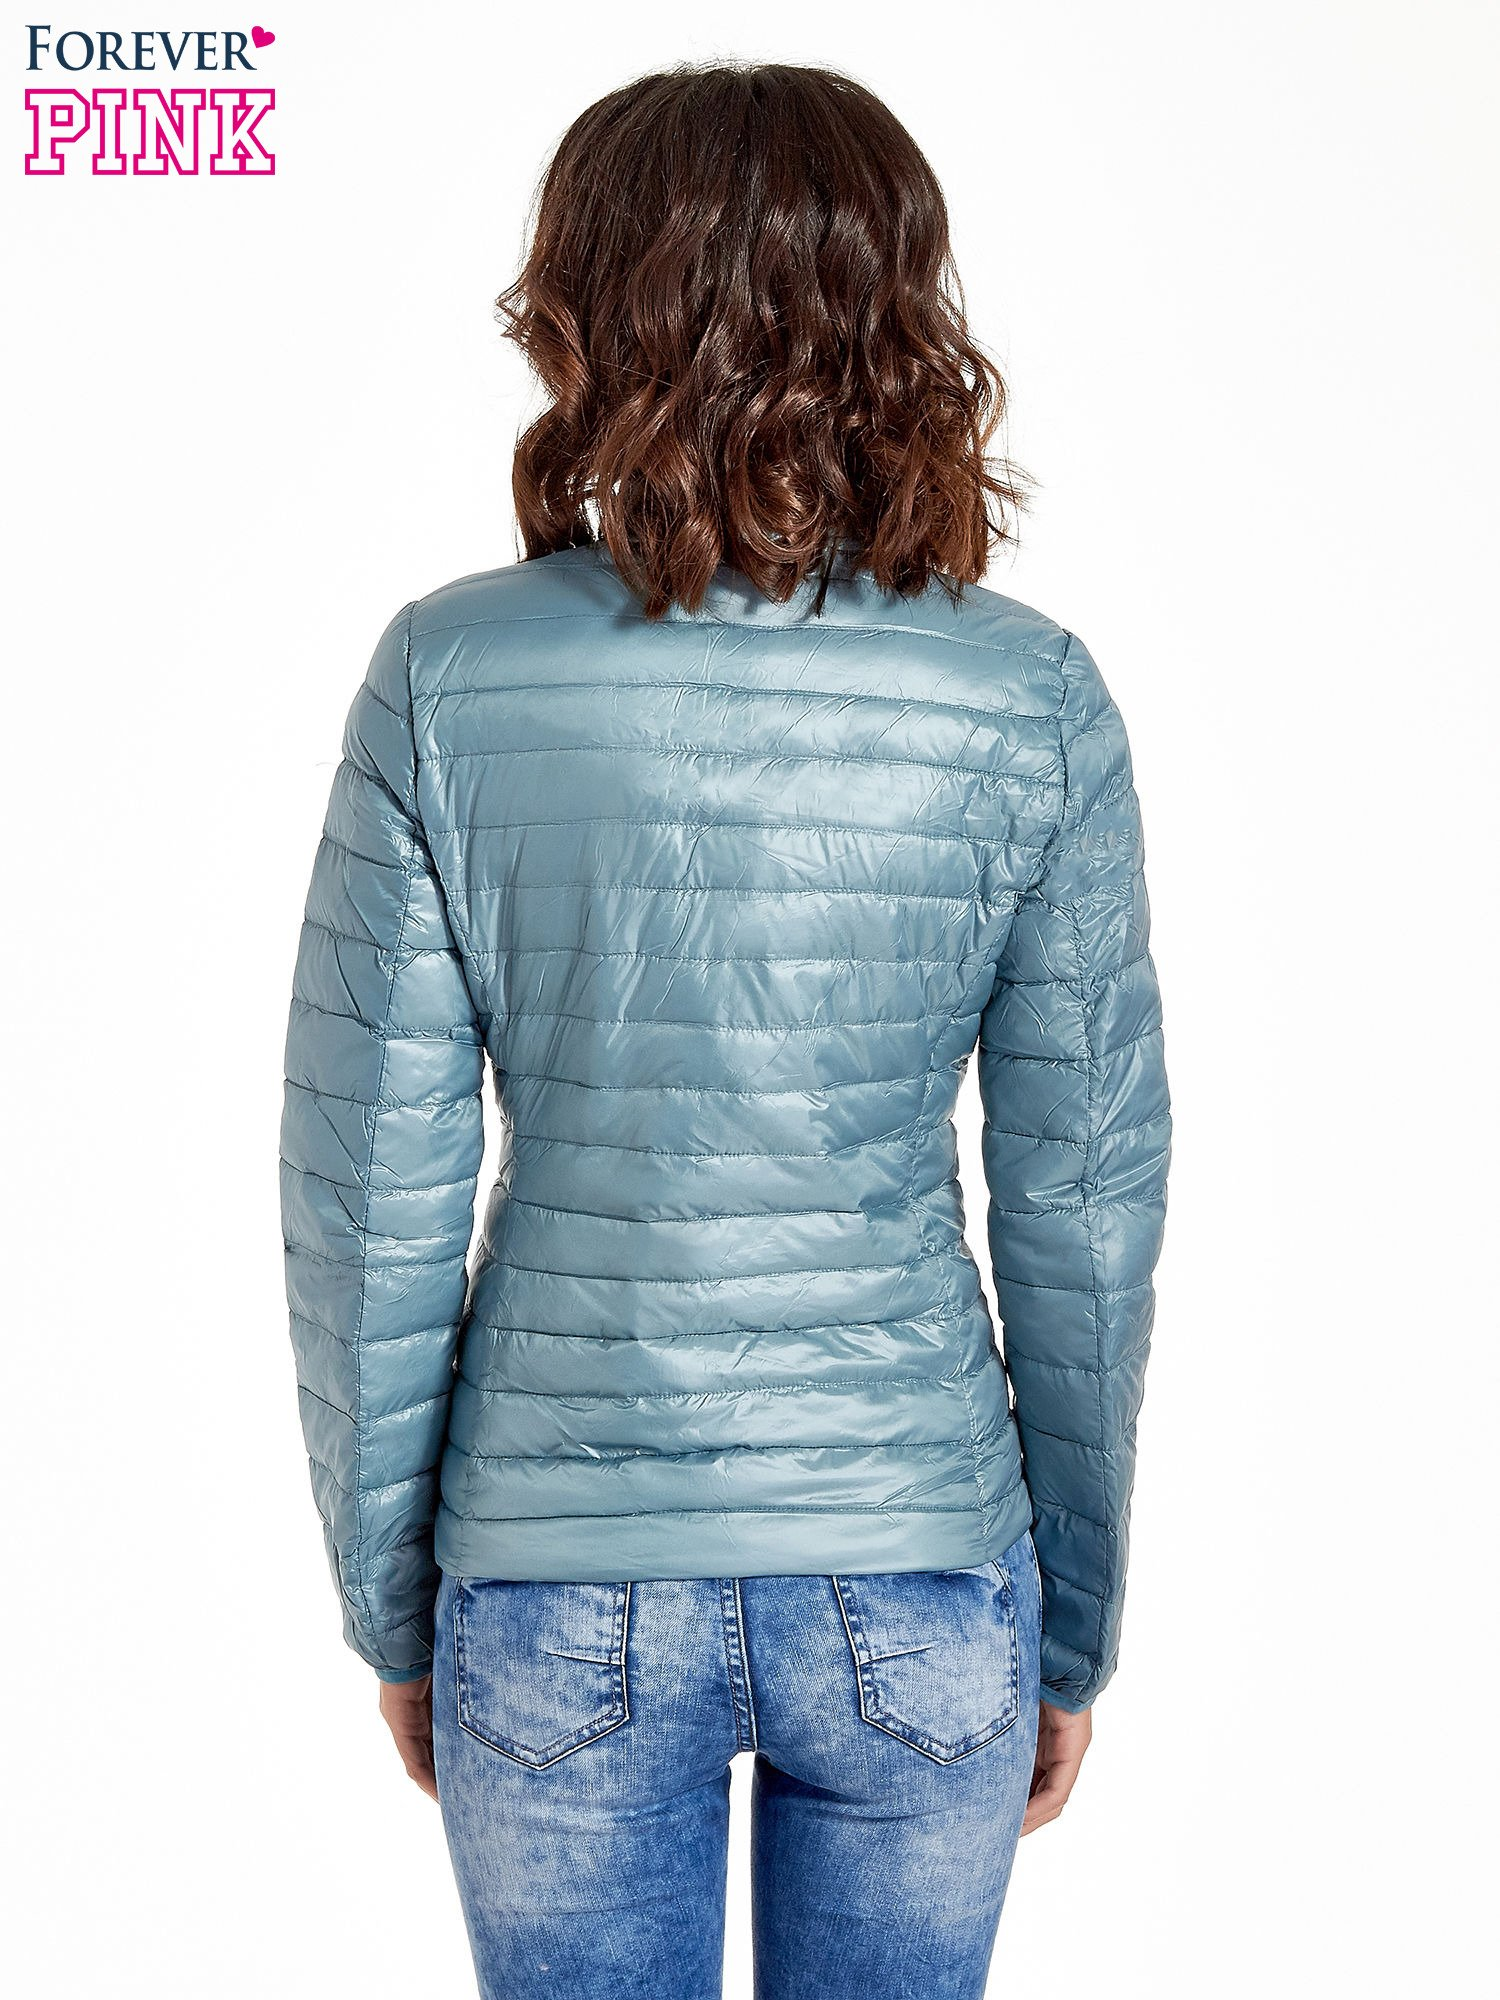 Niebieska lekka kurtka puchowa z kontrastowym zamkiem                                  zdj.                                  3